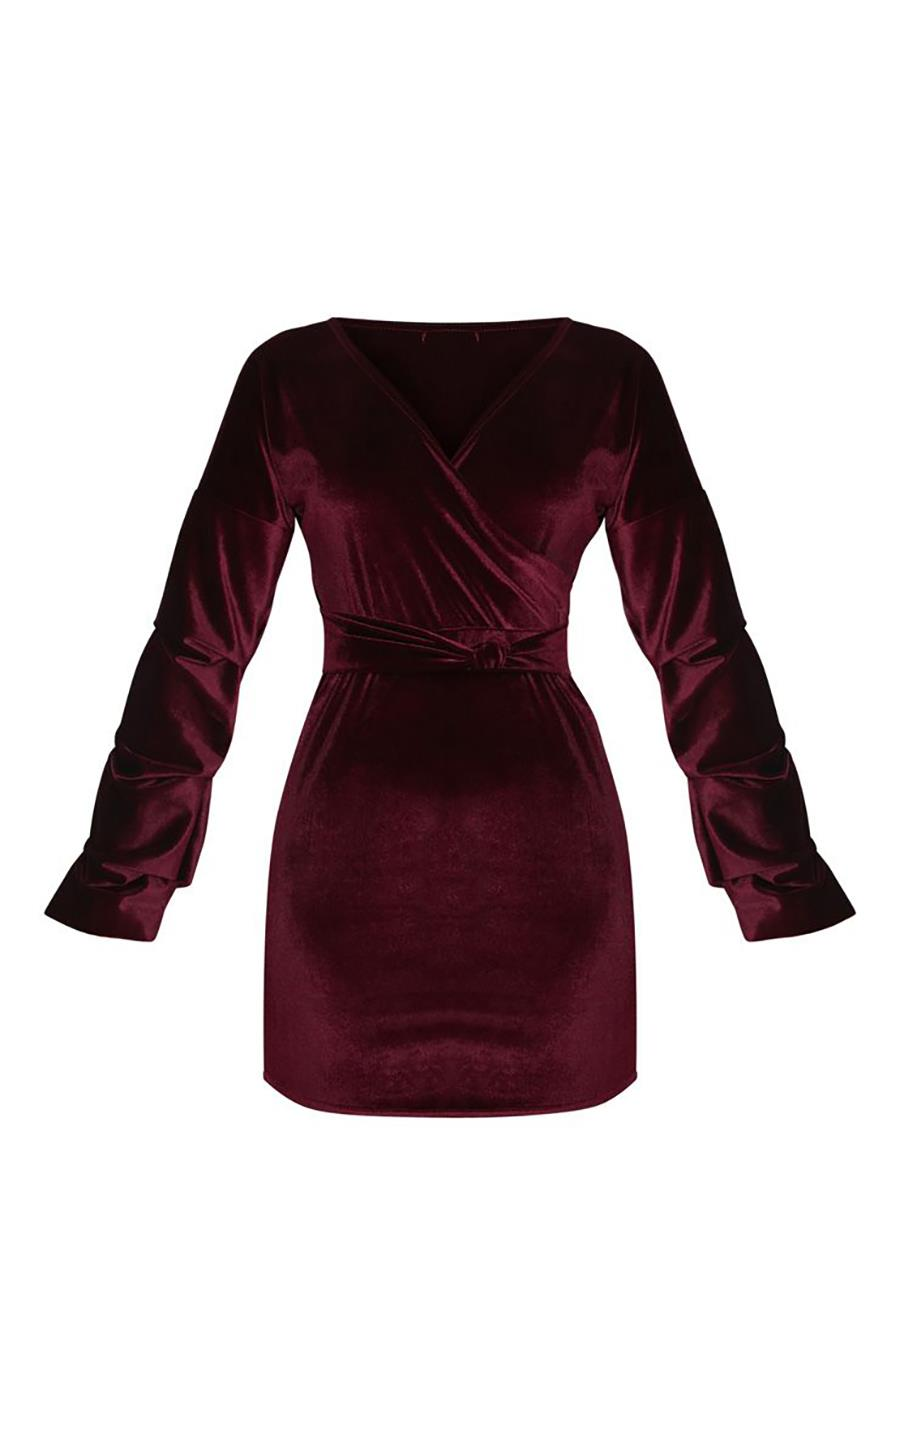 f456aea62 vestido-terciopelo-granate-prettylittlething. Mini vestido de terciopelo  granate